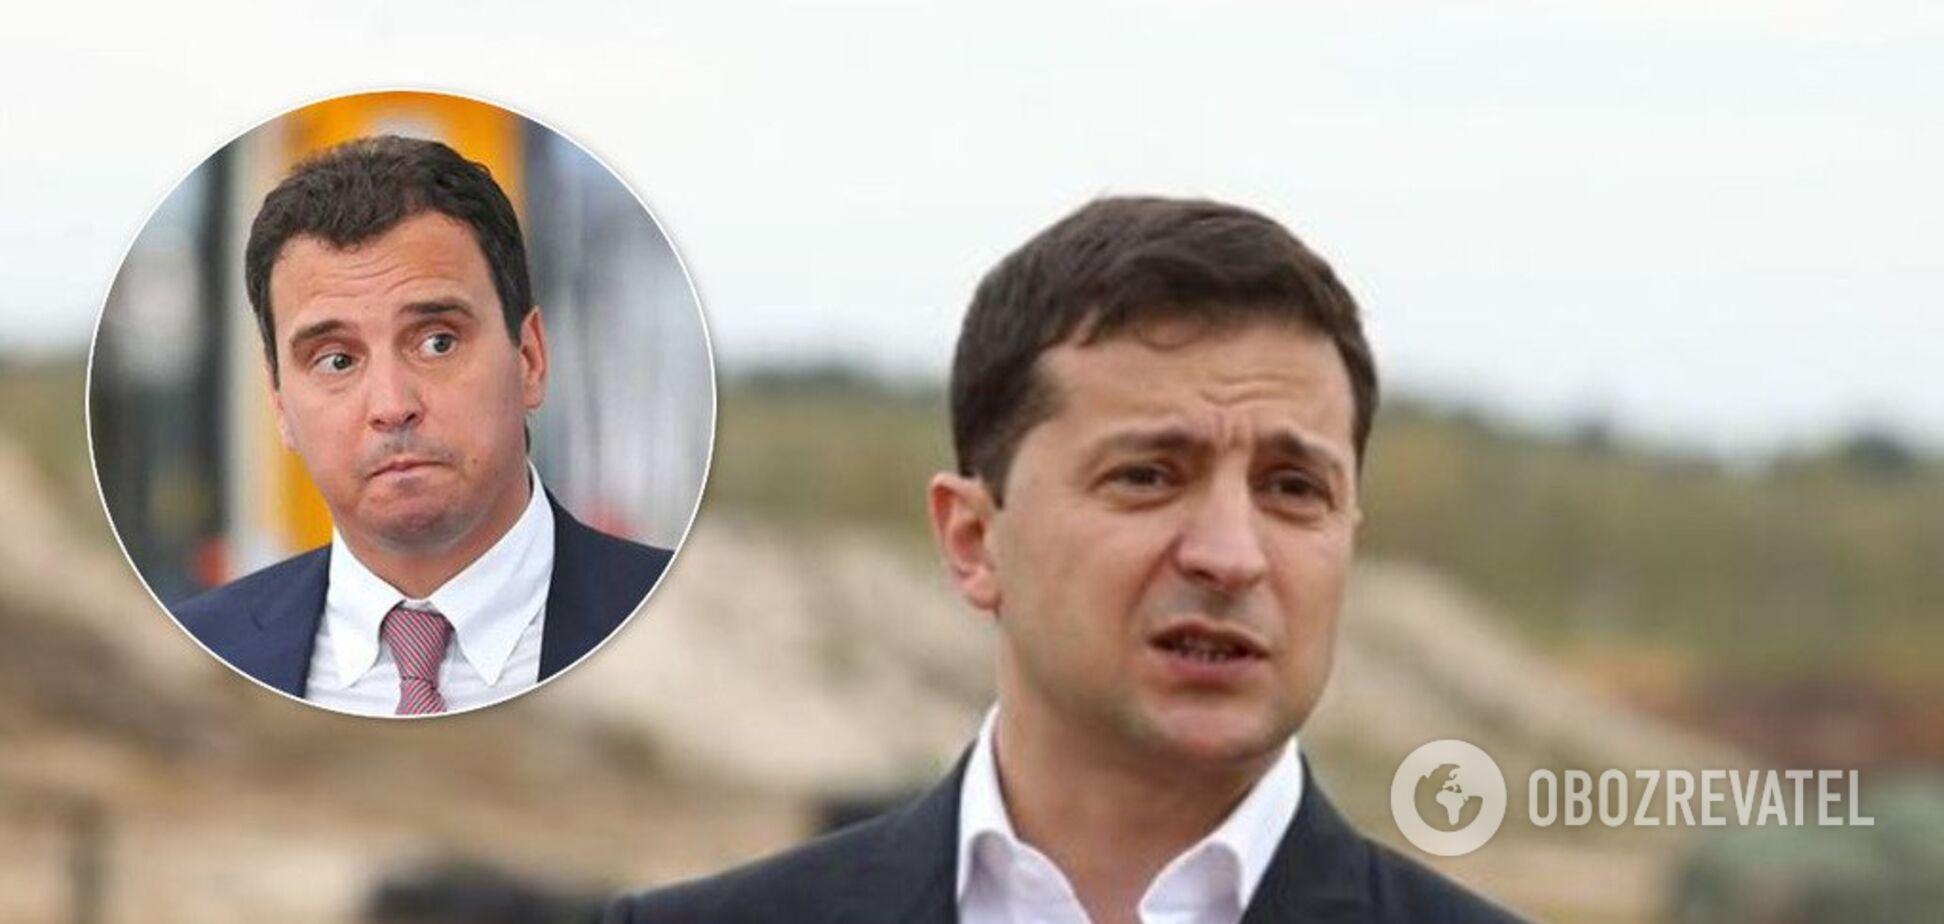 Зеленский открестился от скандала сАбромавичусом